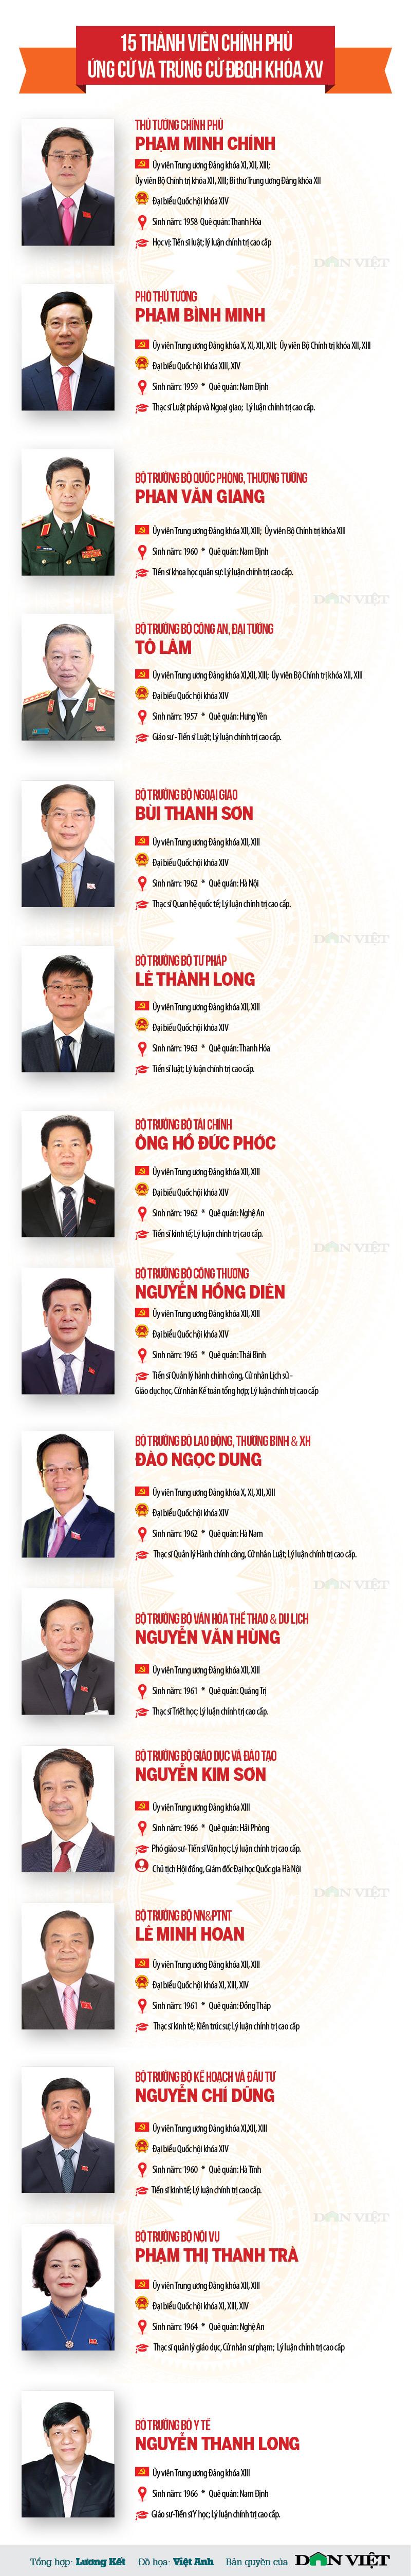 Infographic chân dung 15 thành viên Chính phủ trúng cử Đại biểu Quốc hội khóa XV - Ảnh 1.